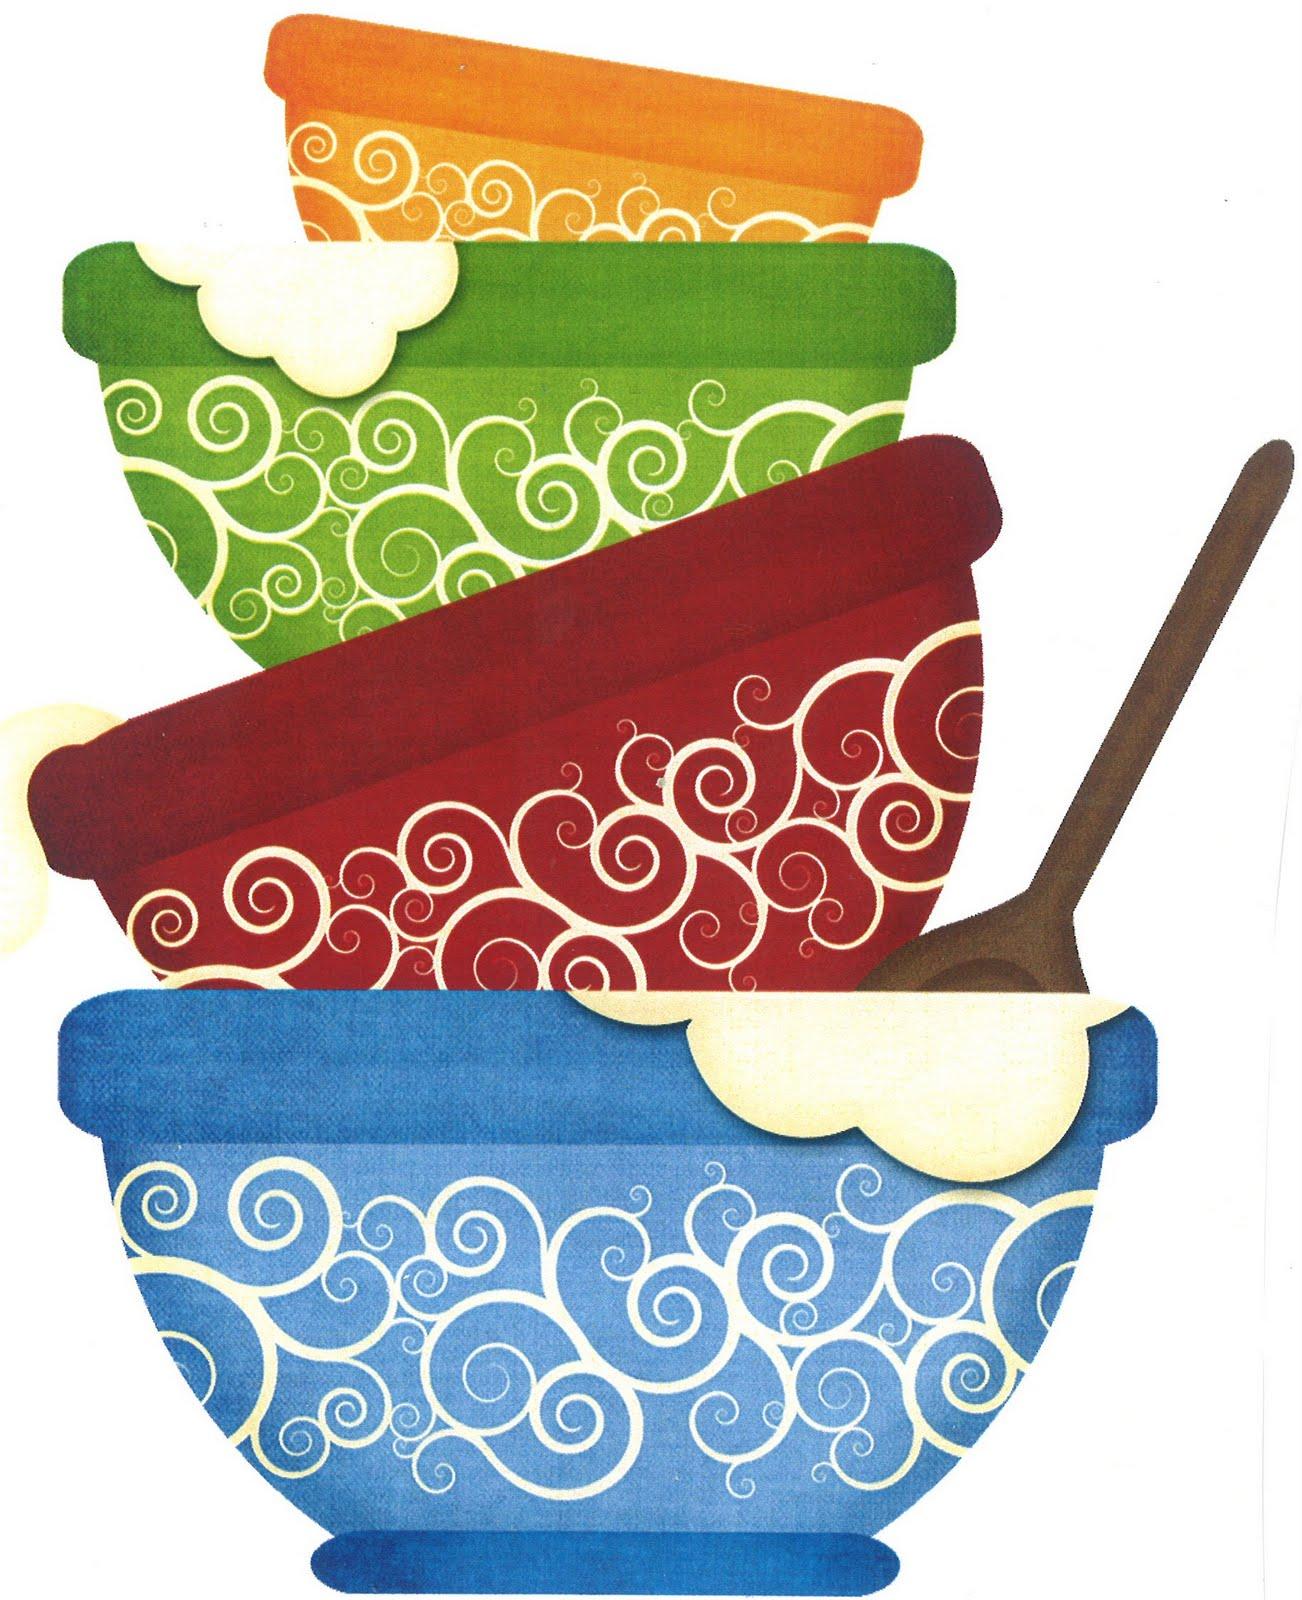 Cereal clipart baking bowl Fonts vintage Bowls Printables